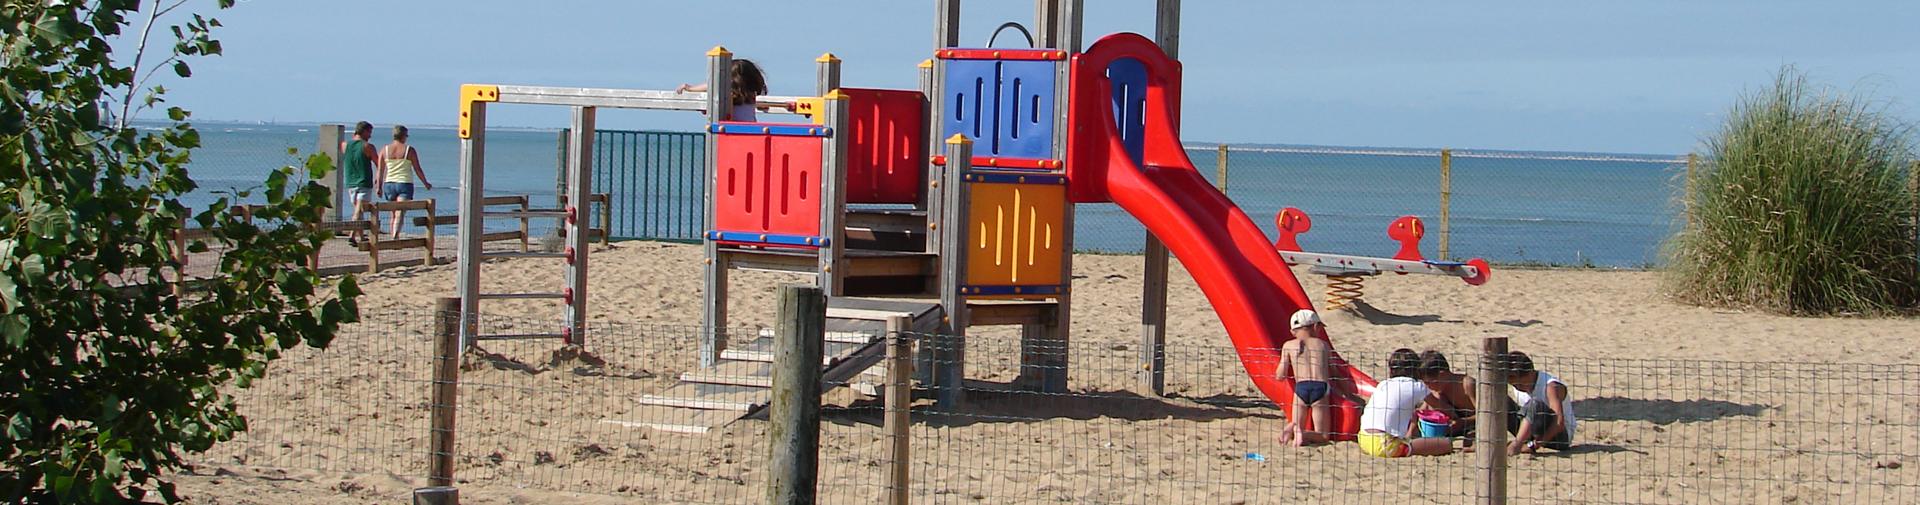 slide-jeux-enfants-camping-oleron-phare-ouest